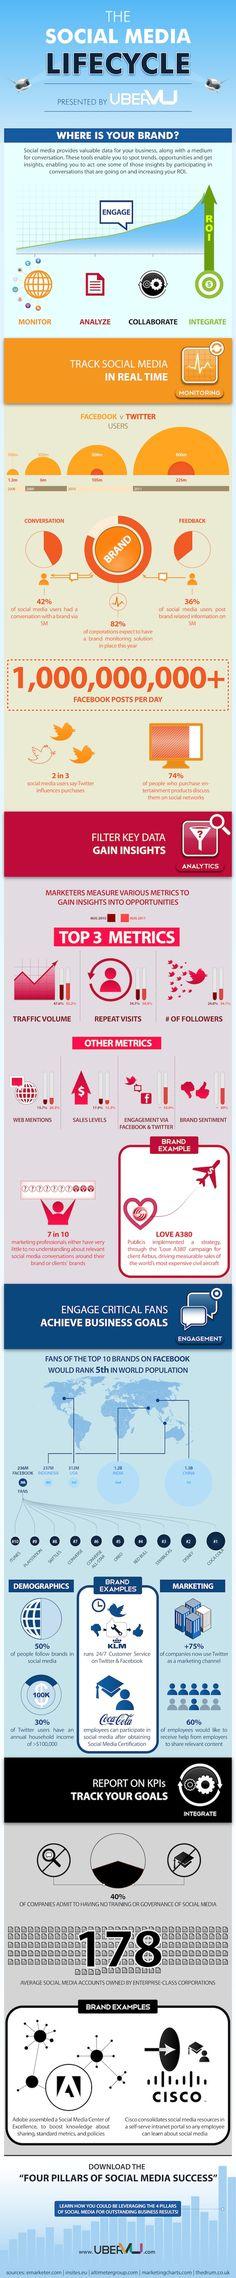 El ciclo de vida del Socia Media (infografía)